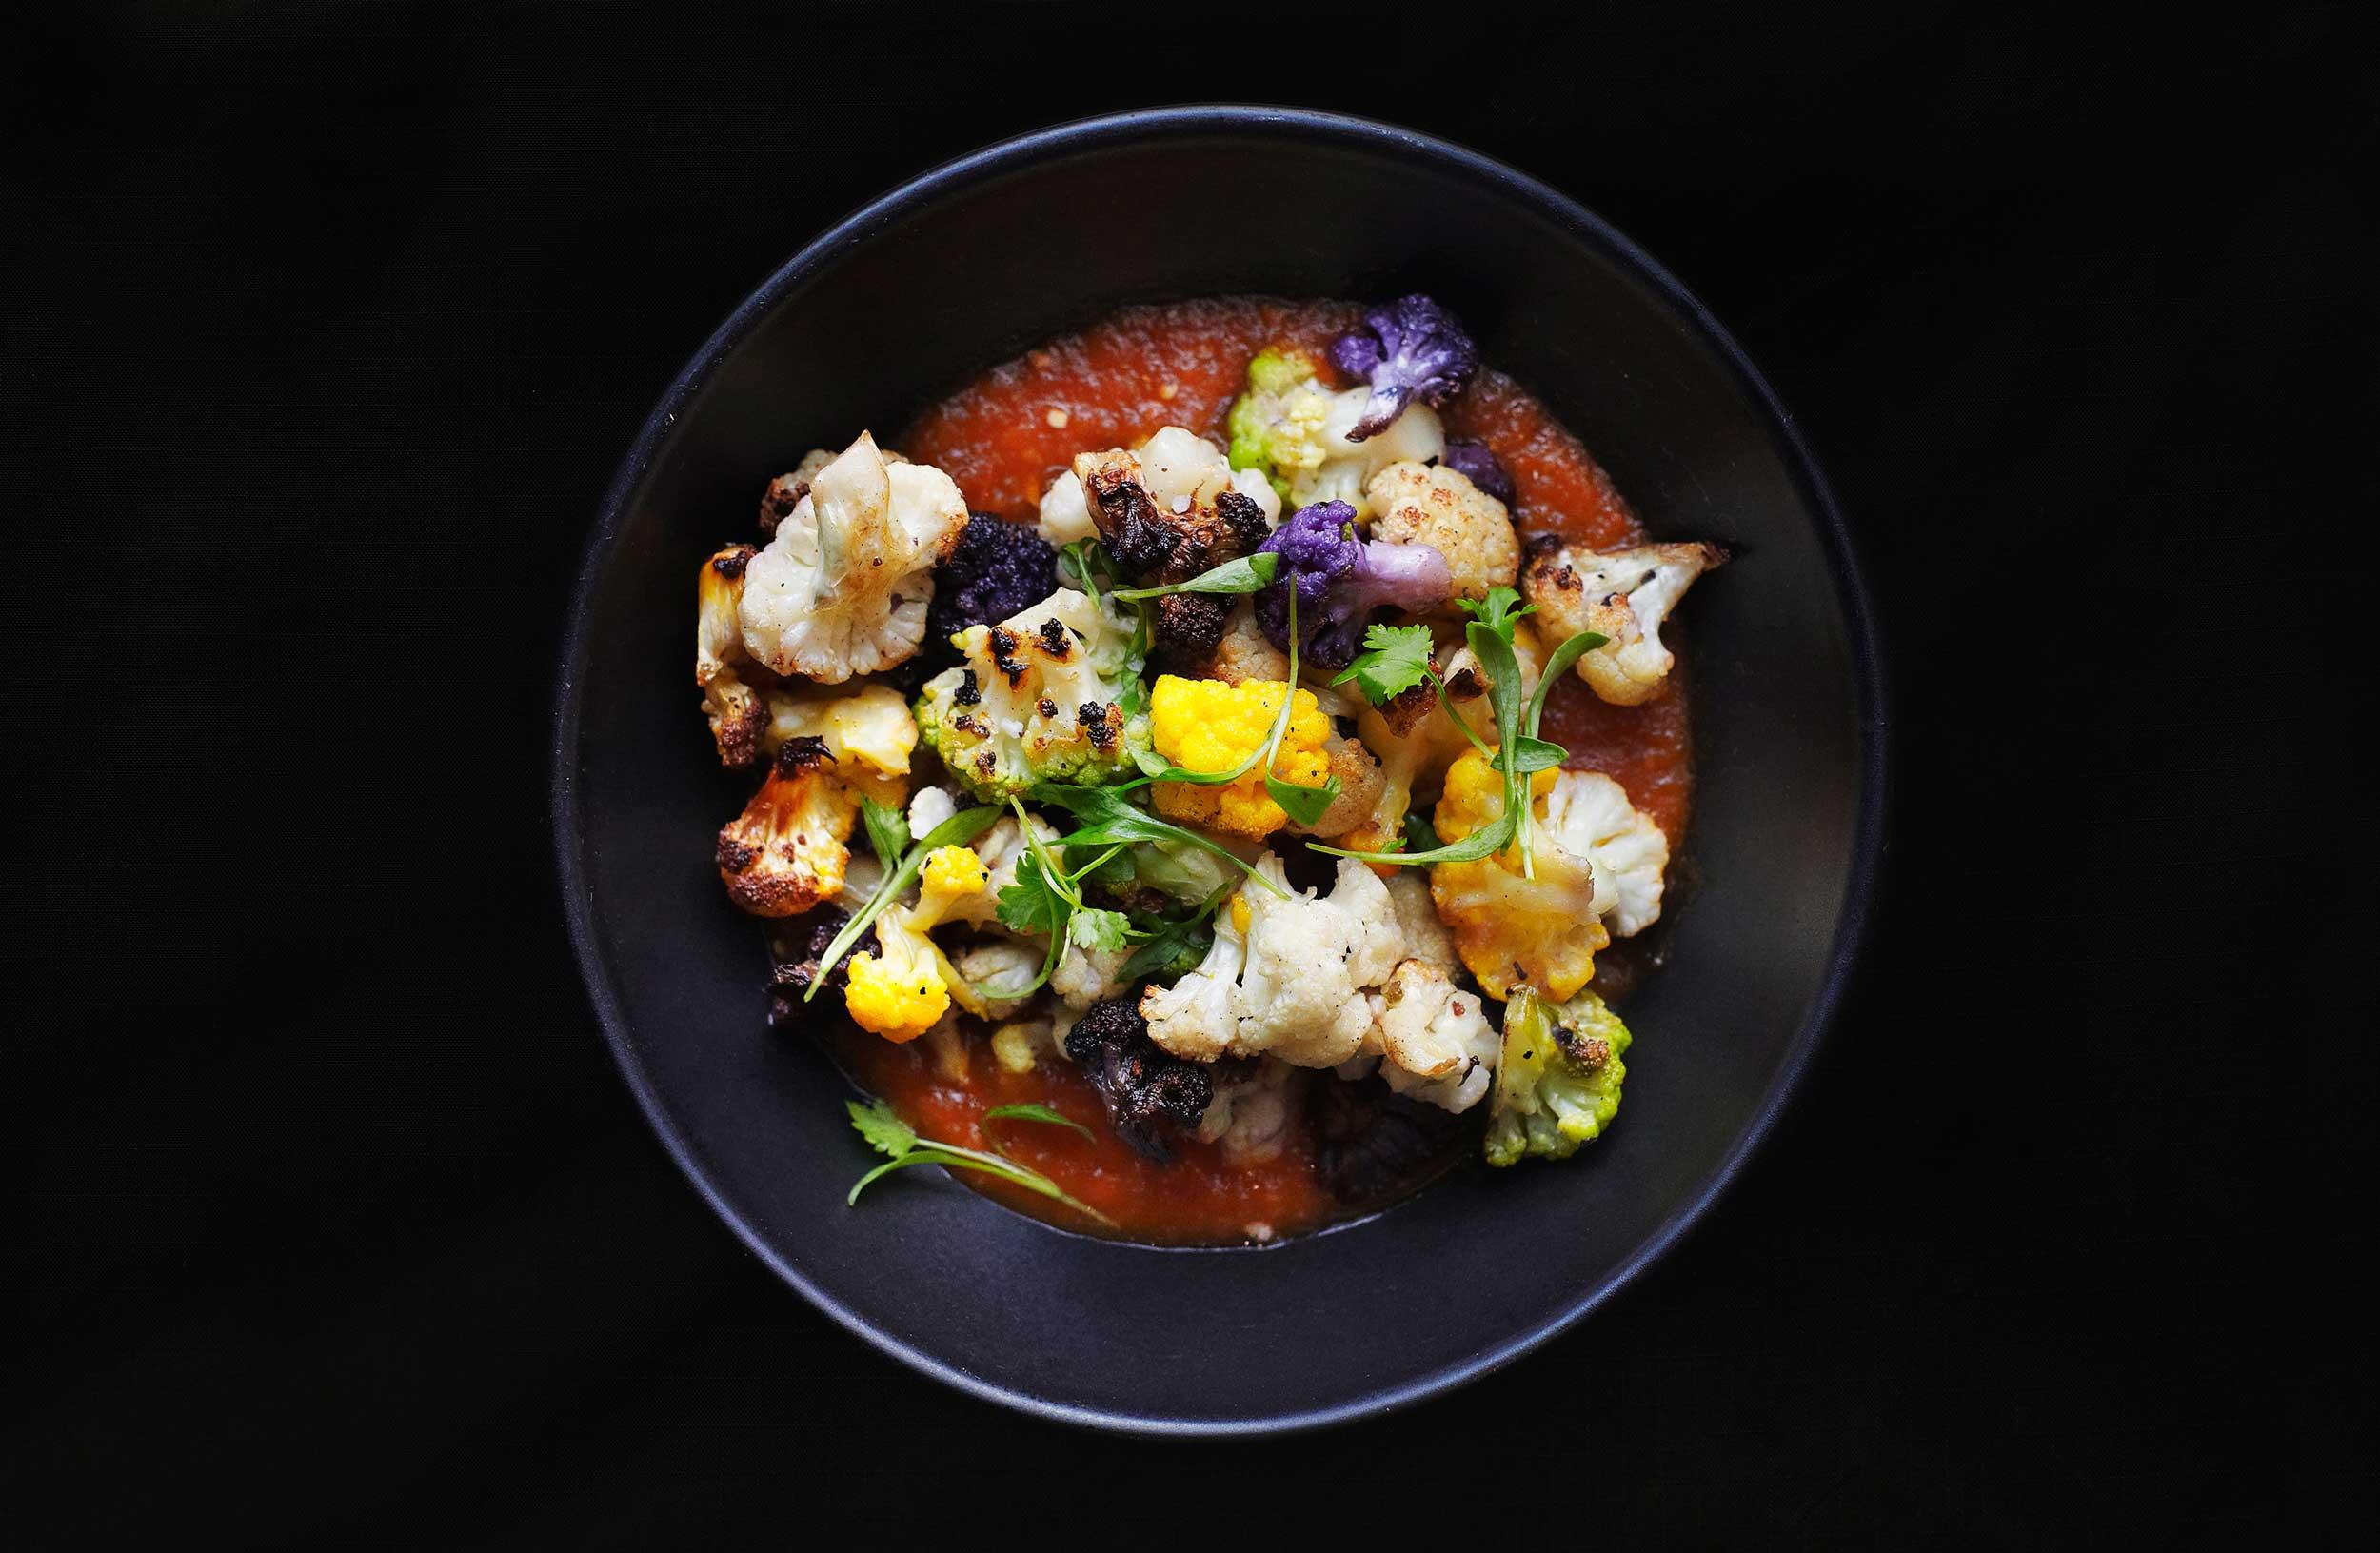 따뜻하게 조리한 콜리플라워에 살사소스를 곁들여 먹는 요리로 칼라베라의 인기 메뉴 중 하나다. © 박정우